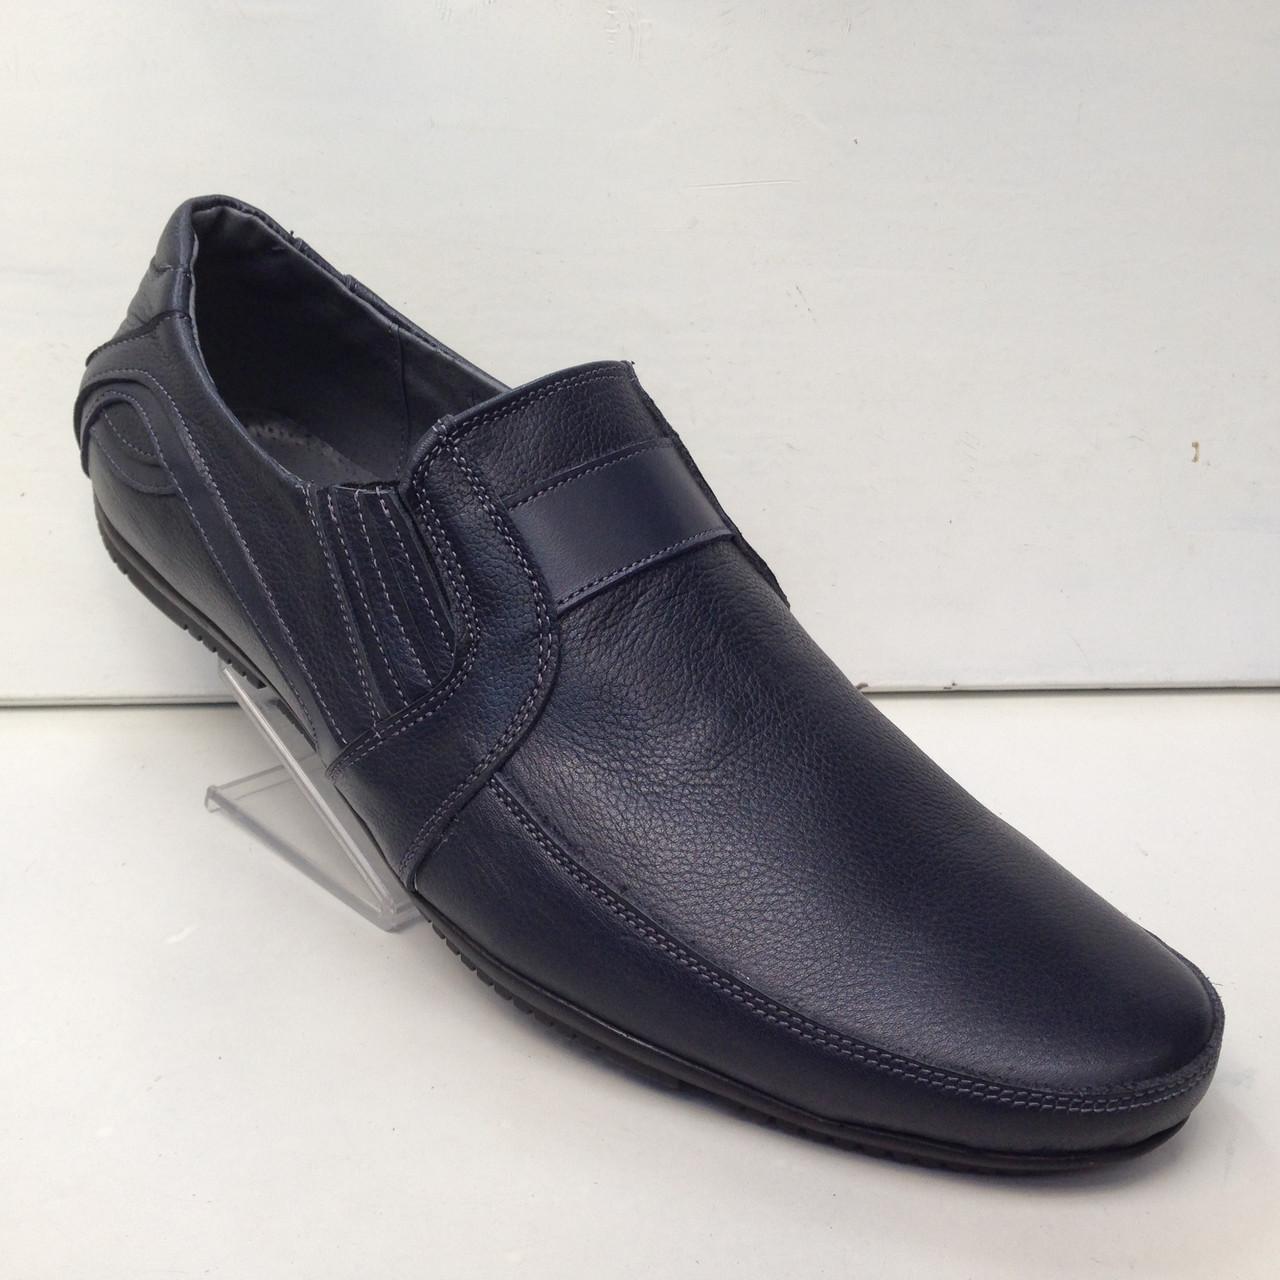 Р 46. Чоловічі шкіряні туфлі (великого розміру) р 46